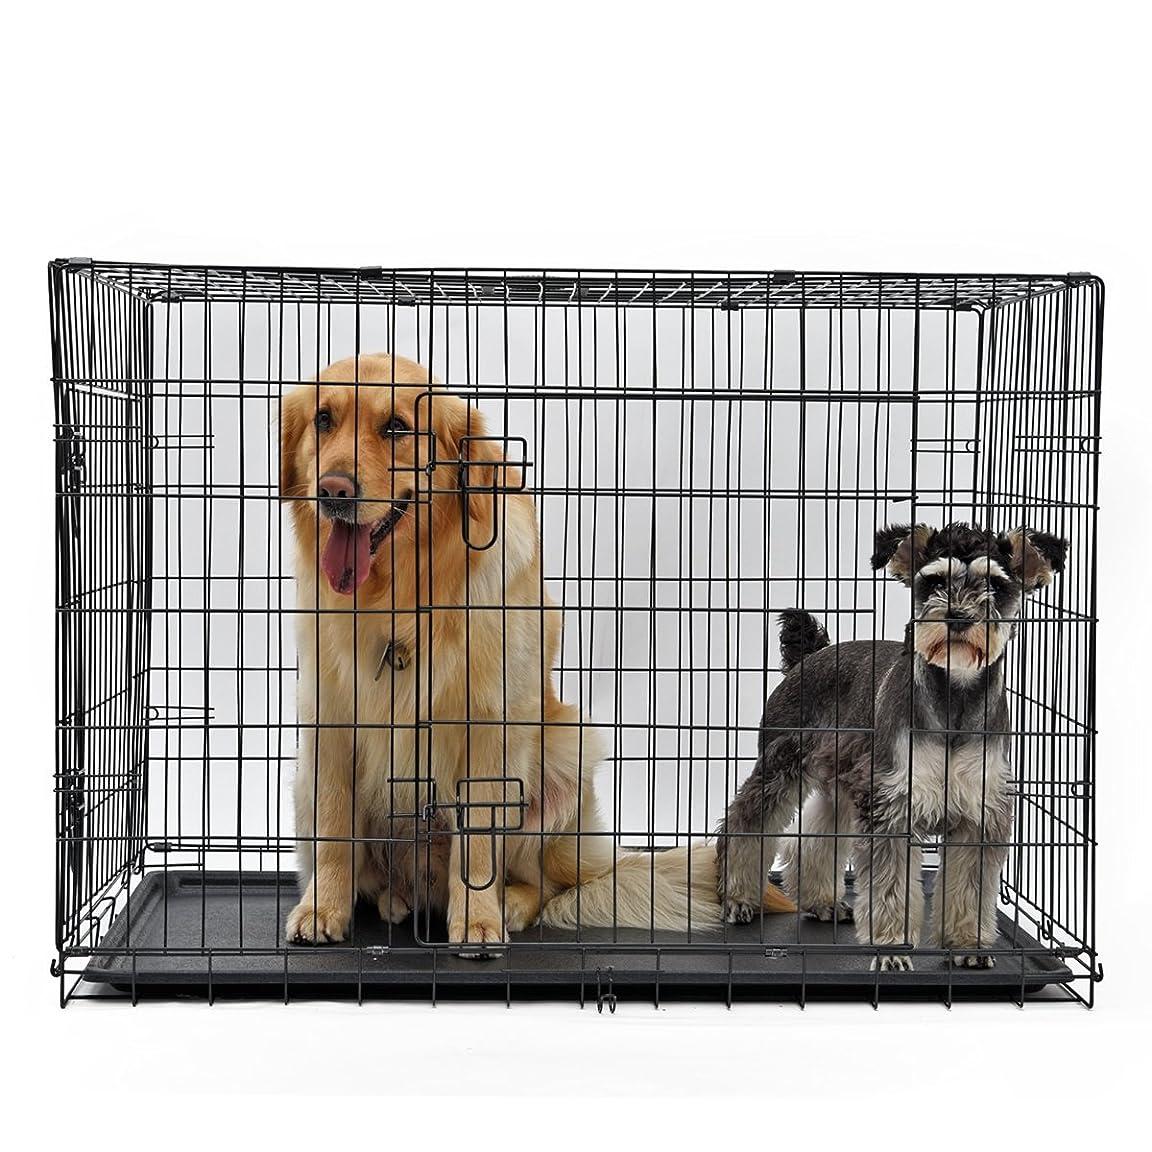 心のこもったなのでテーブルペットサークル 8面サークル 高さ120cm ペットケージ ペットフェンス ケージ ゲージ サークル トレーニングサークル 犬用ケージ 中型犬用 大型犬用 屋内用 屋外用 室内用 犬小屋 犬 ペット ペット用品